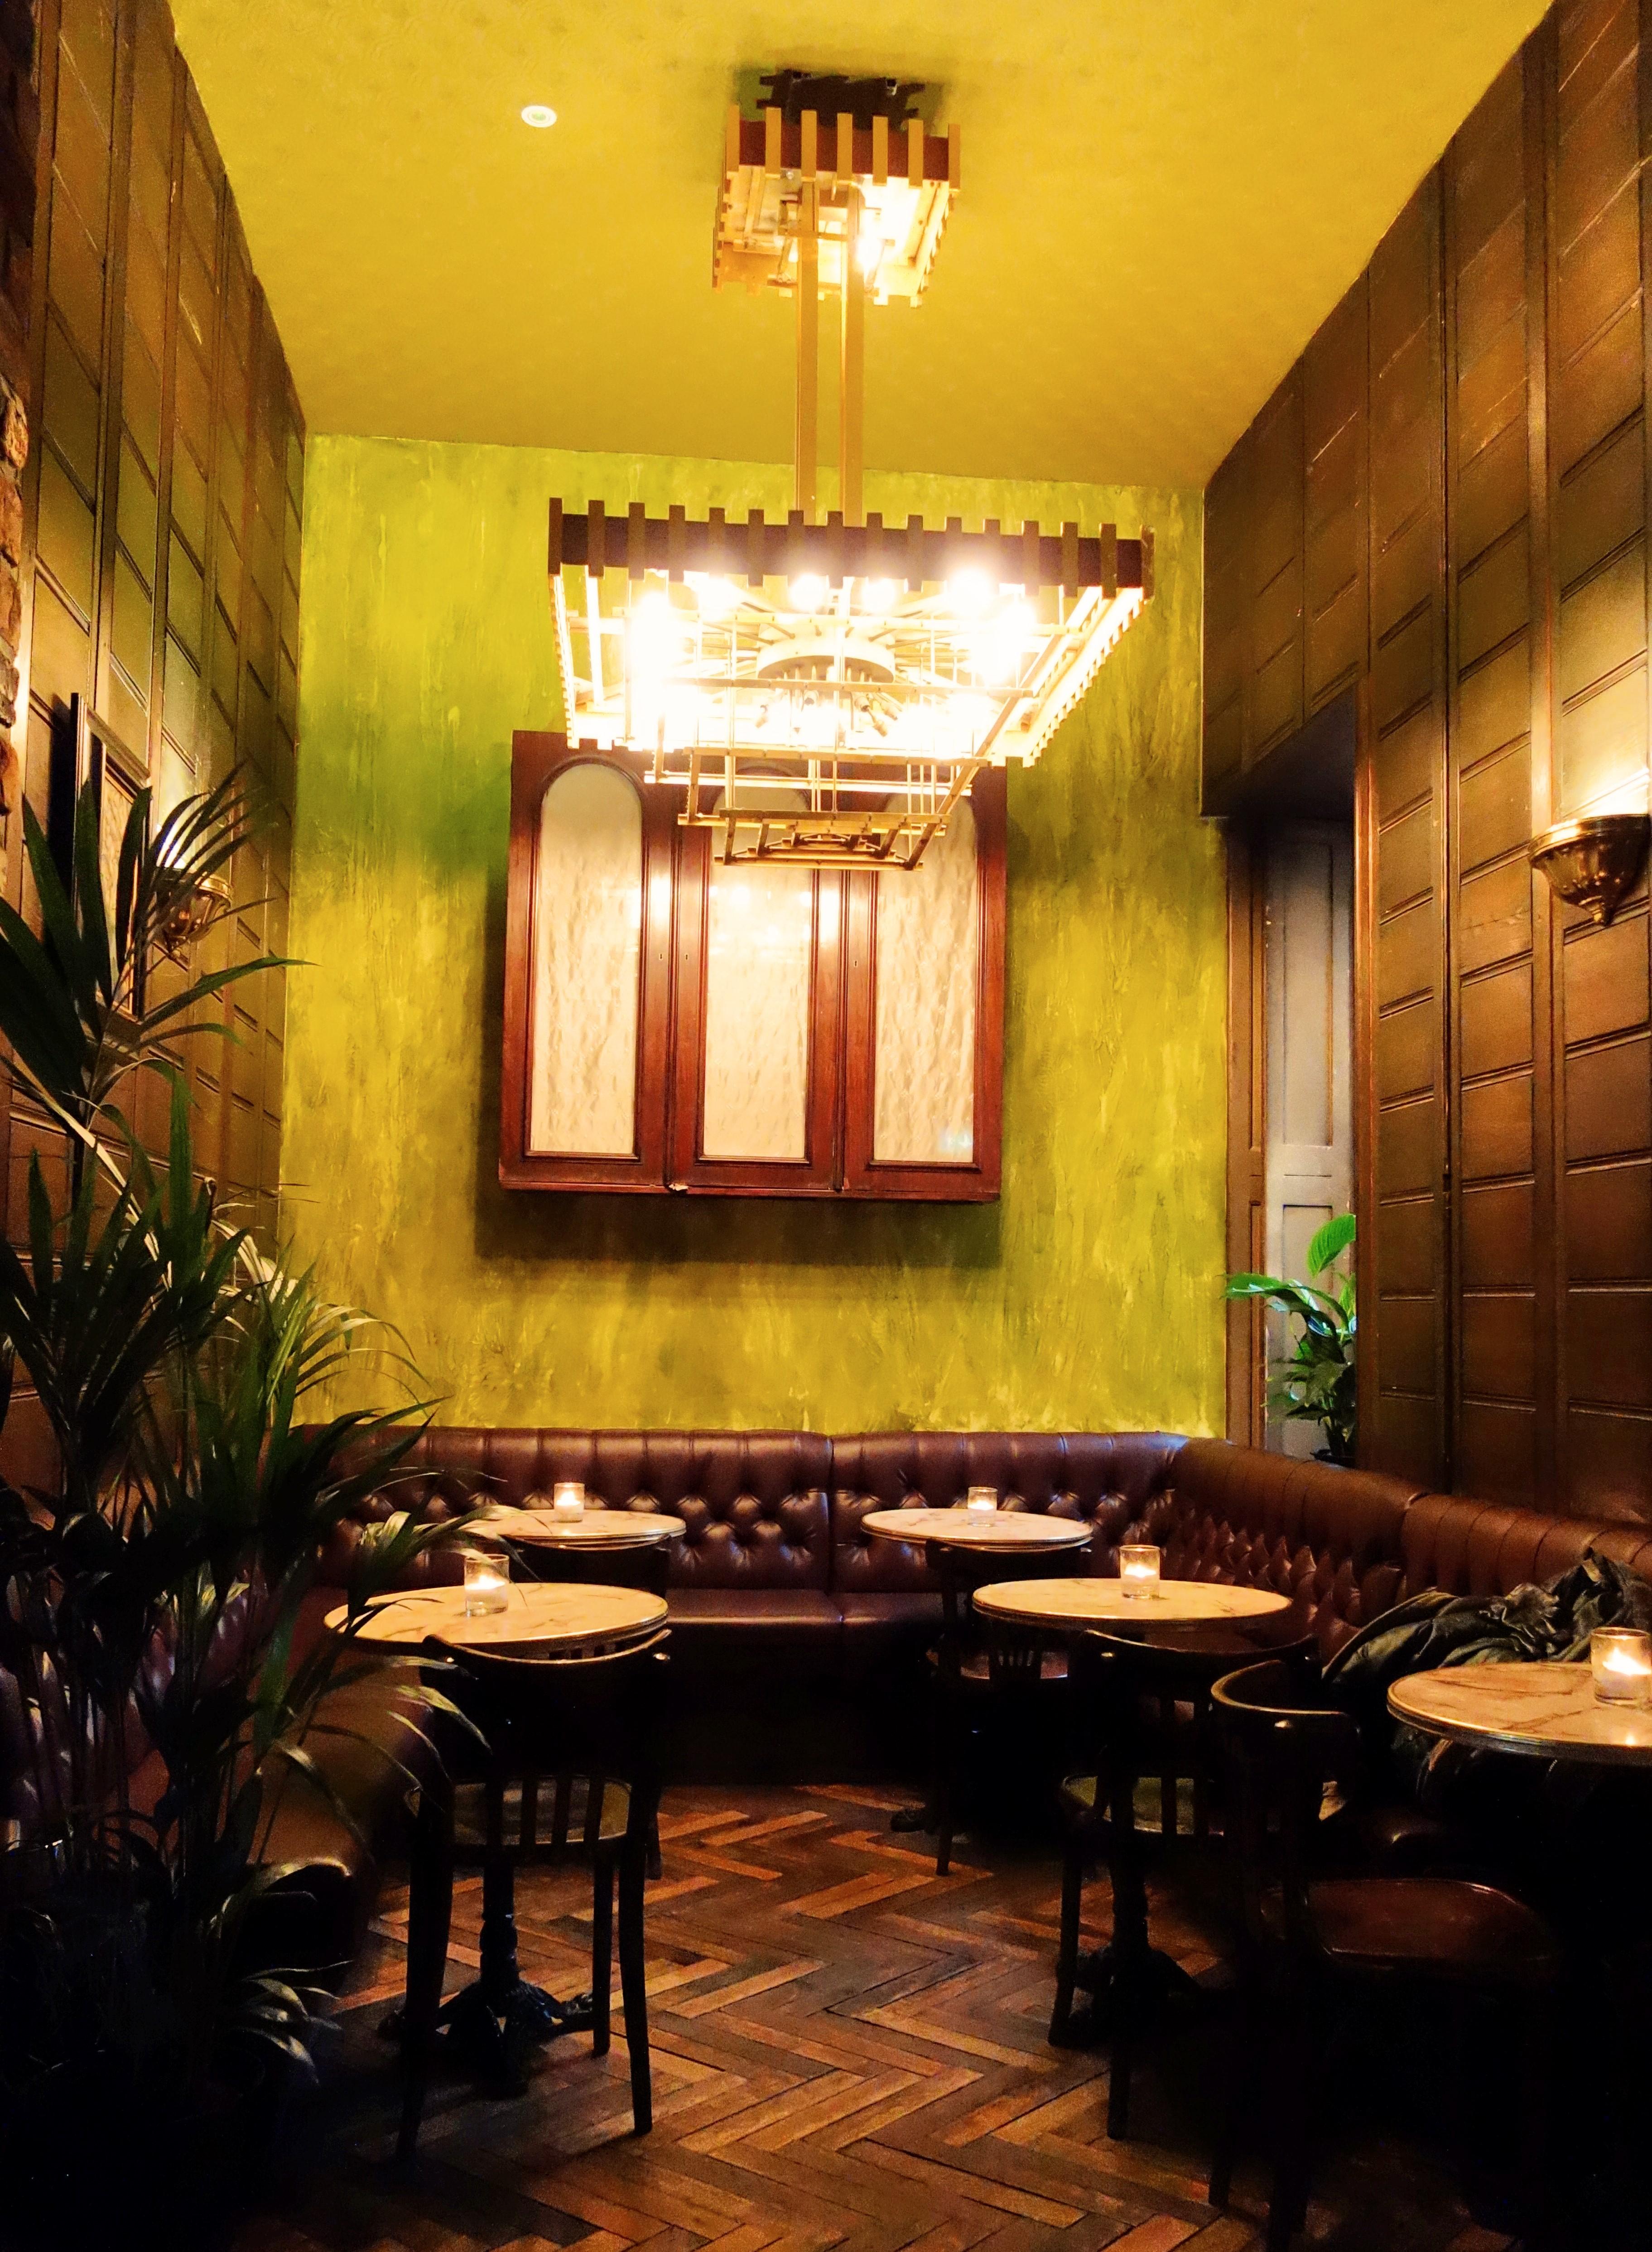 Kelvingrove Cafe interior